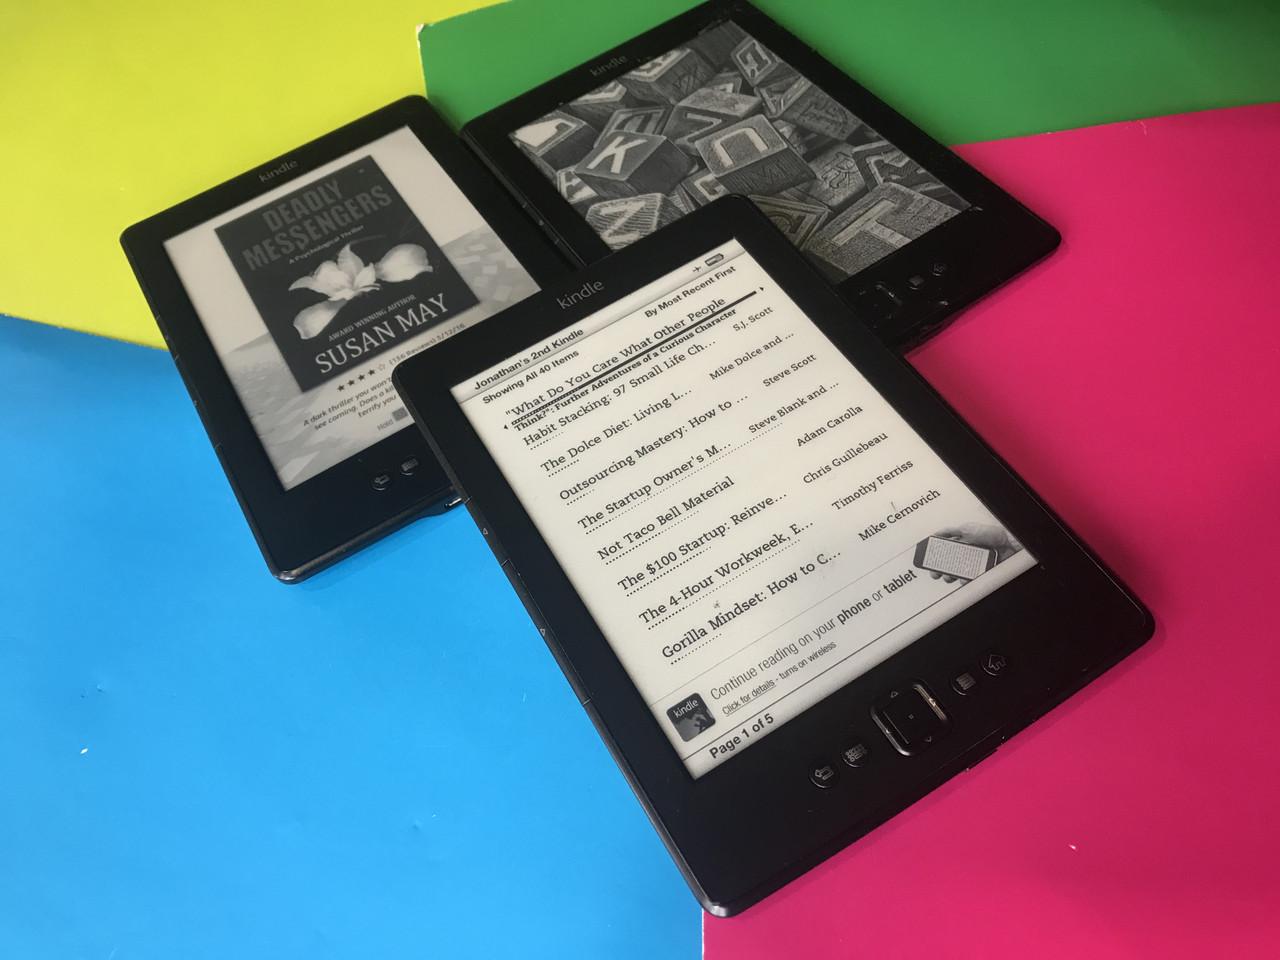 Amazon Kindle 5 gen D01100 non touch (пиксель/царапинки) - Refurbished - Качество, проверенное временем в Чернигове